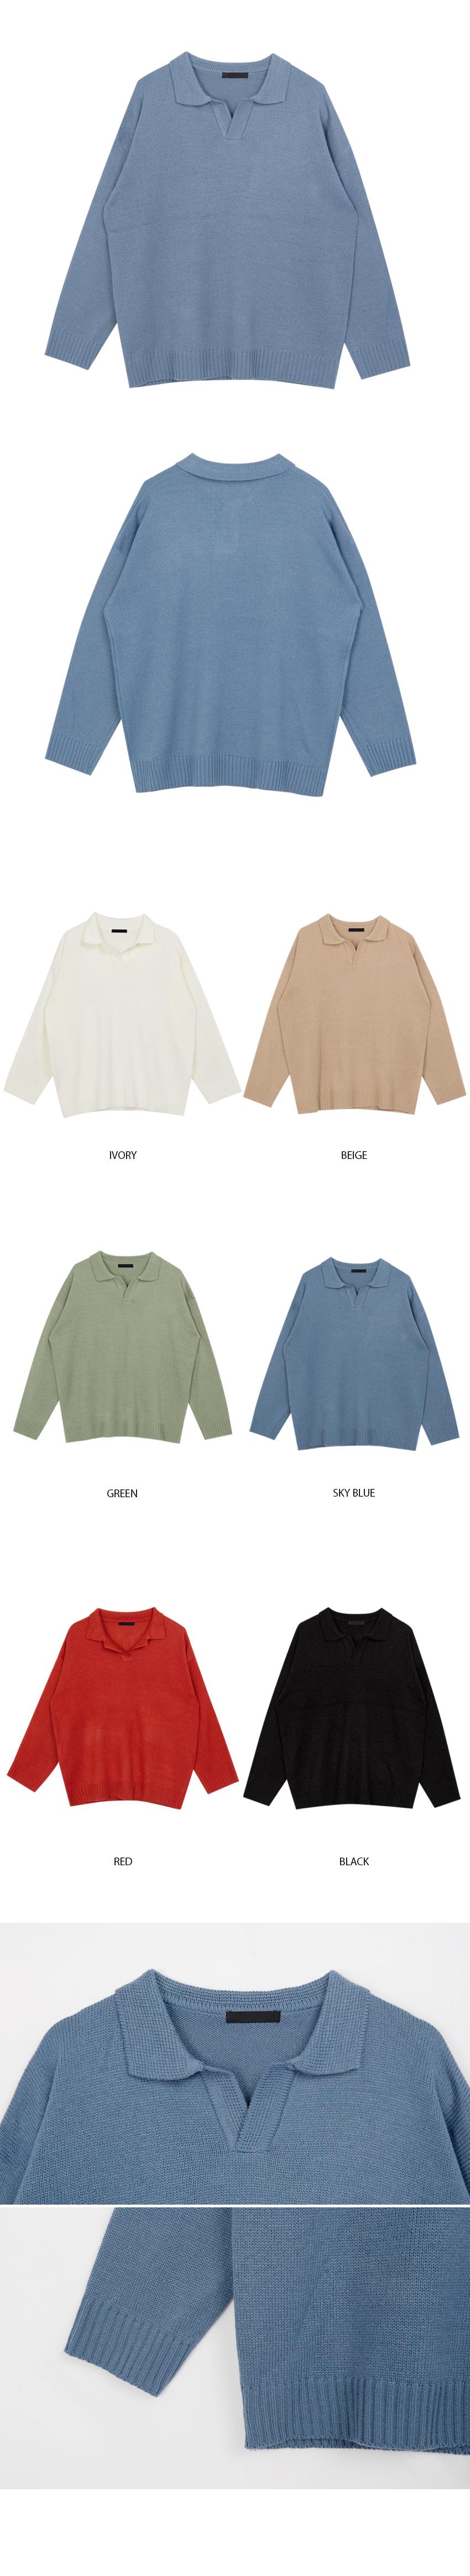 베이직 카라 니트 티셔츠